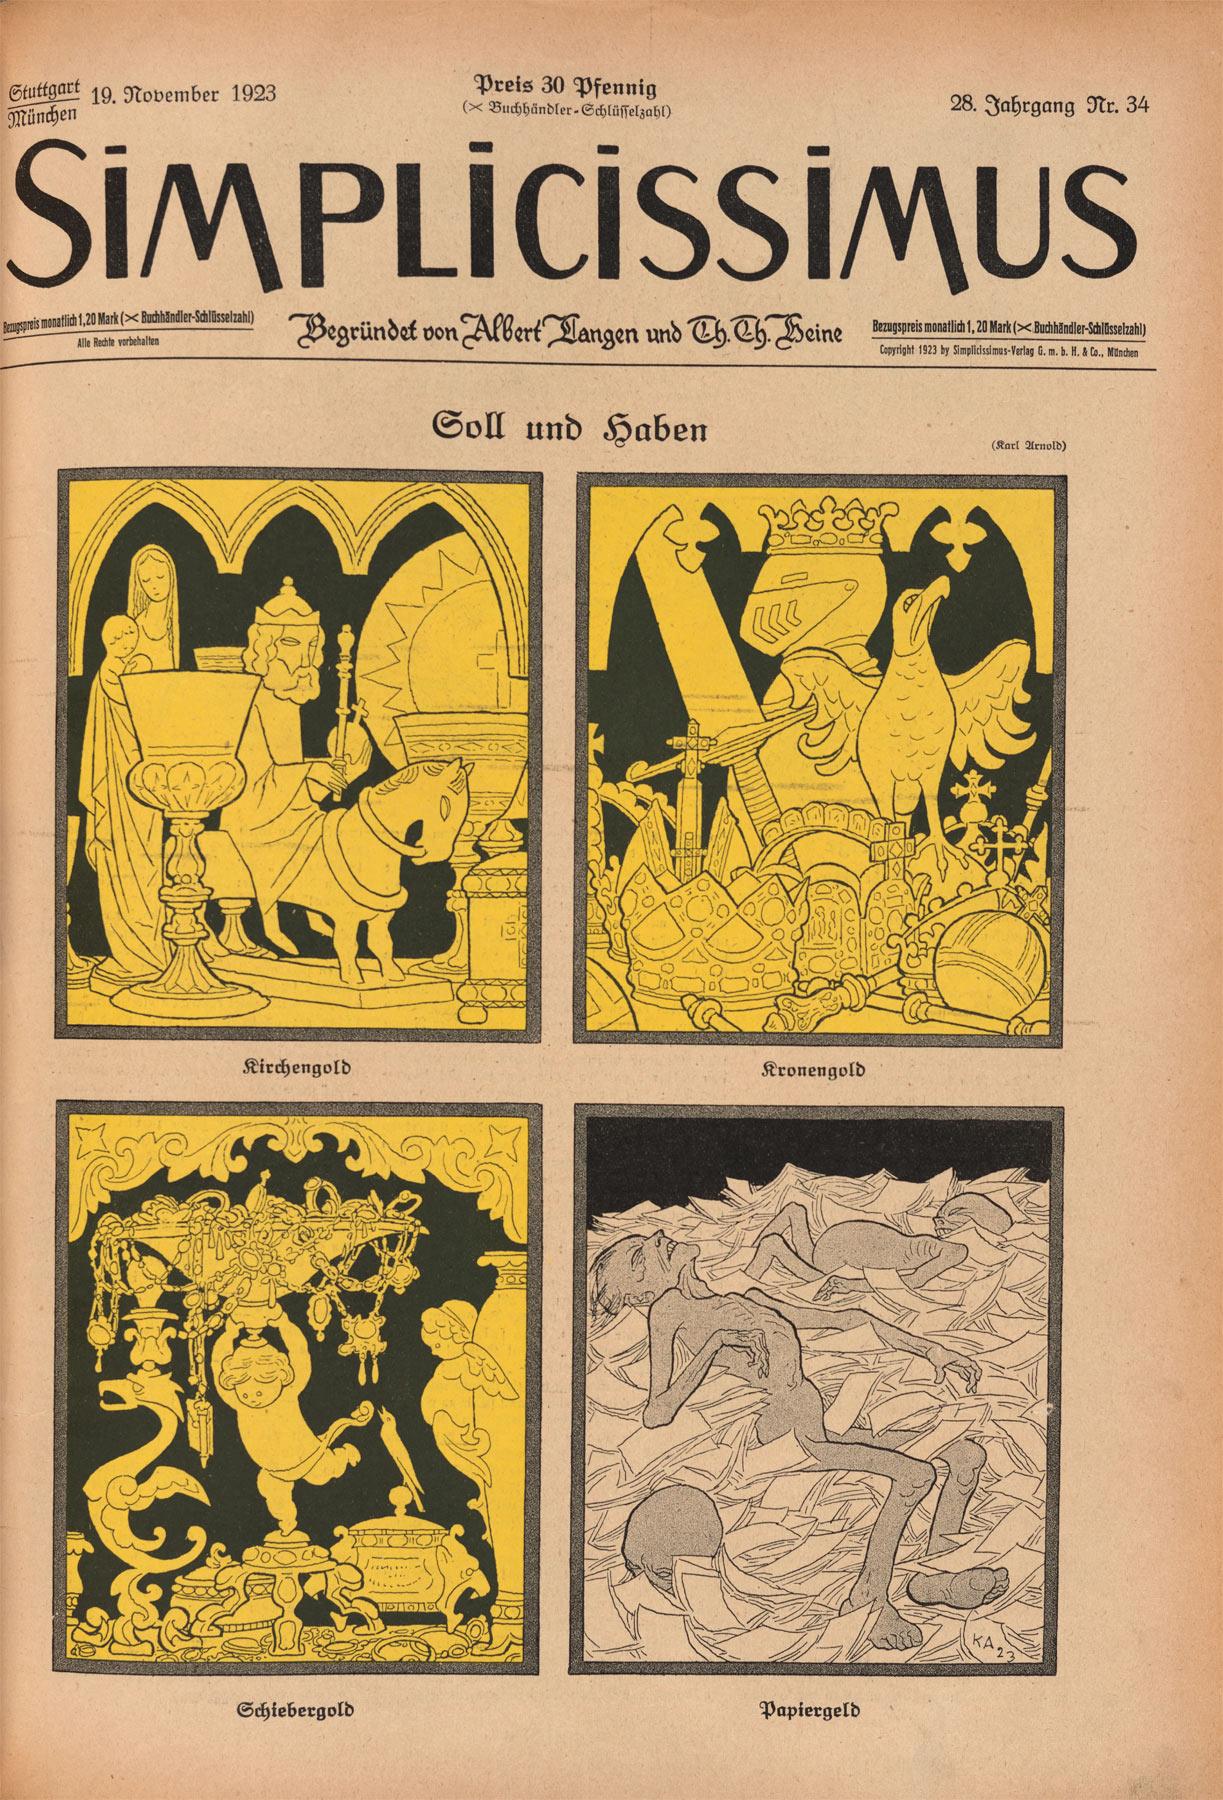 Karl Arnold, Sold und haben (copertina della rivista Simplicissimus del 19 novembre 1923)